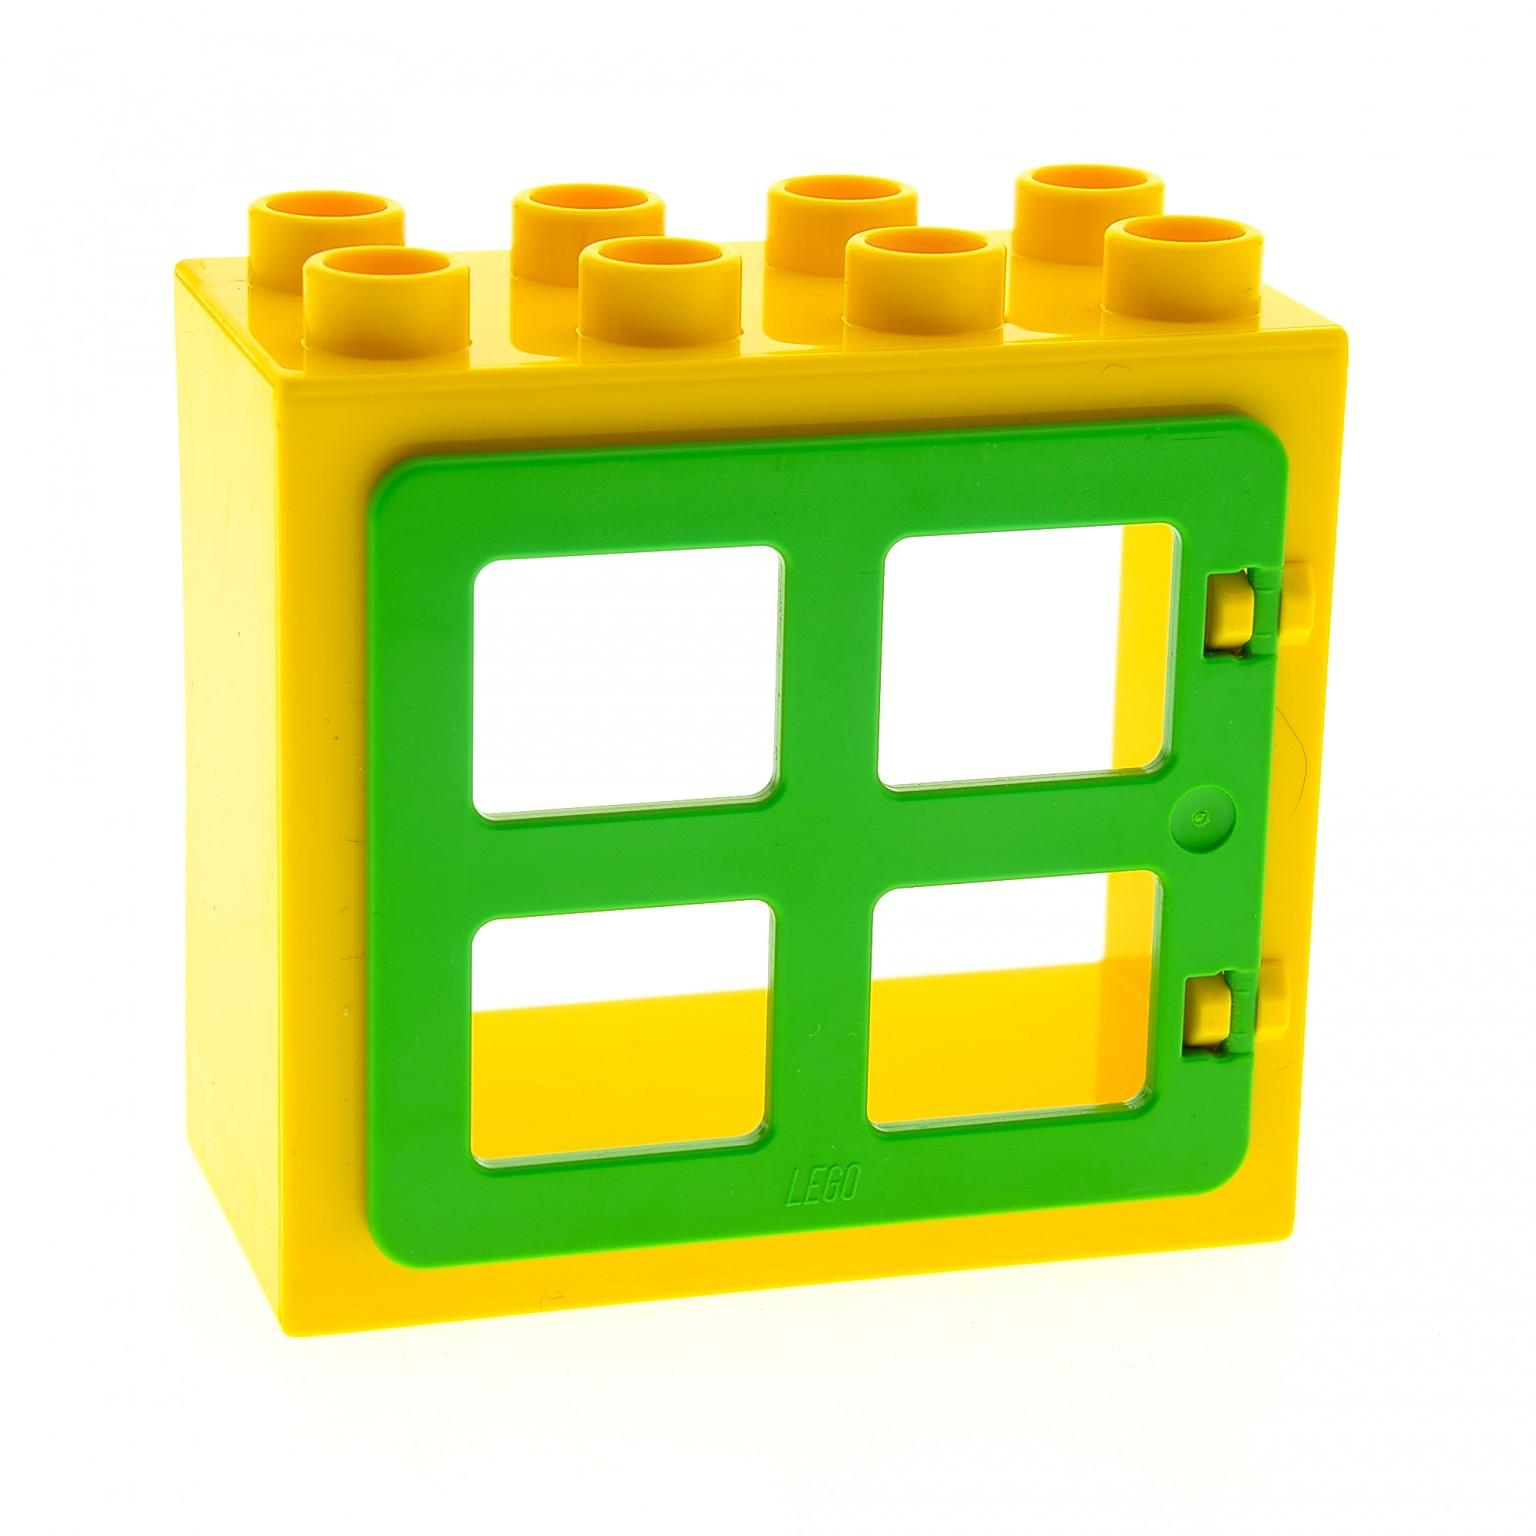 1 x lego duplo haus fenster t r rahmen gelb flach ohne clip halter 2x4x3 klappe 4 scheiben. Black Bedroom Furniture Sets. Home Design Ideas